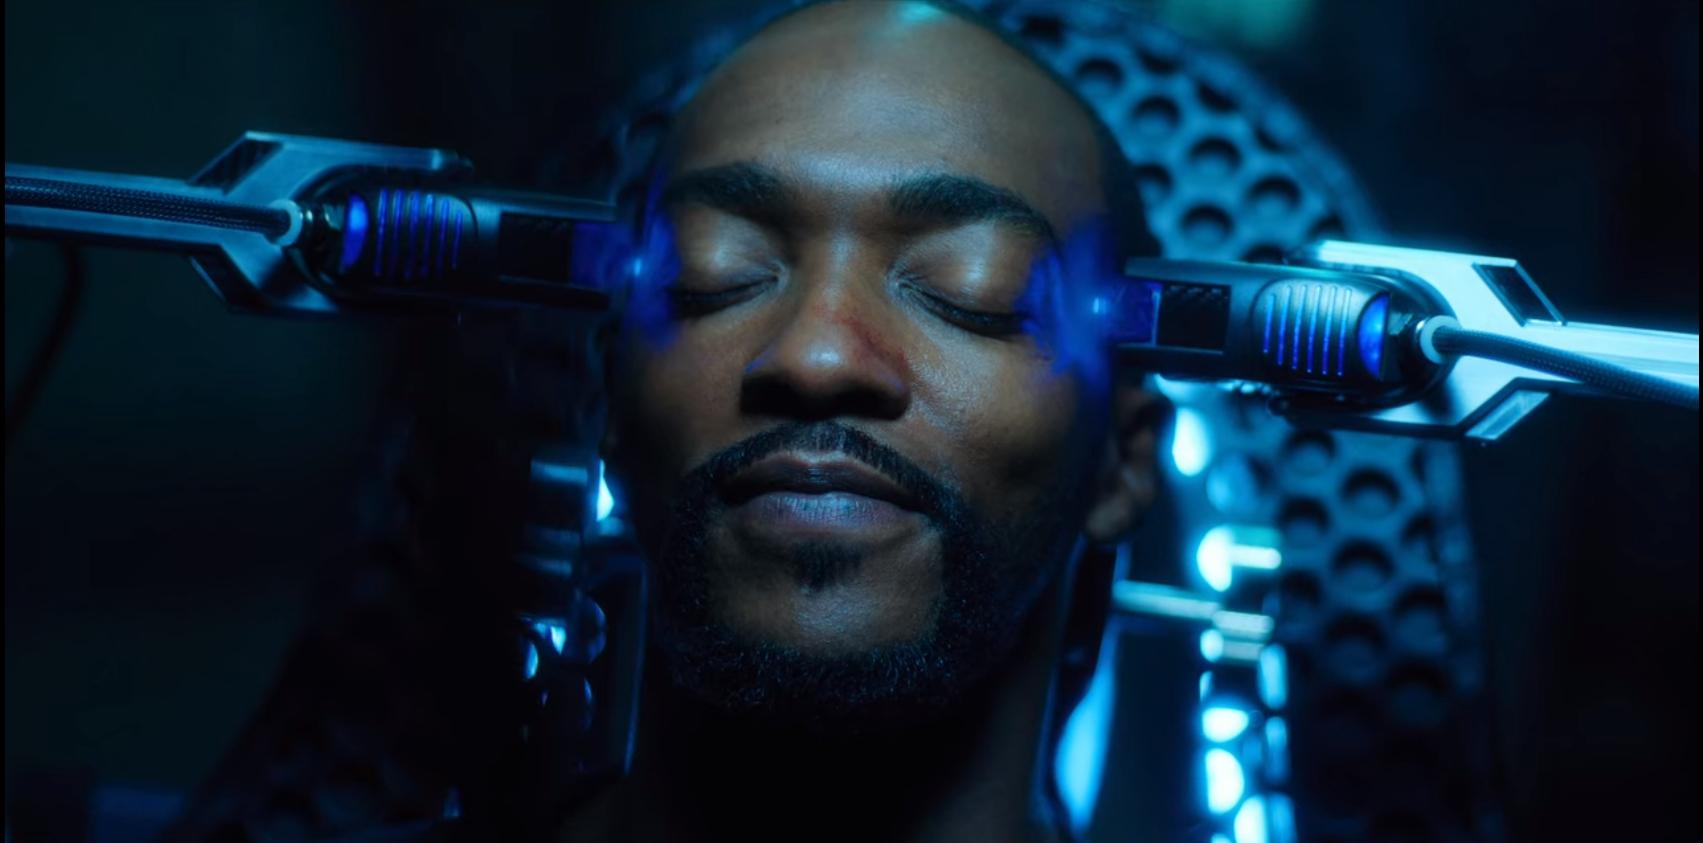 «Видоизменённый углерод», 2 сезон: киберпанк с привкусом супергероики 8